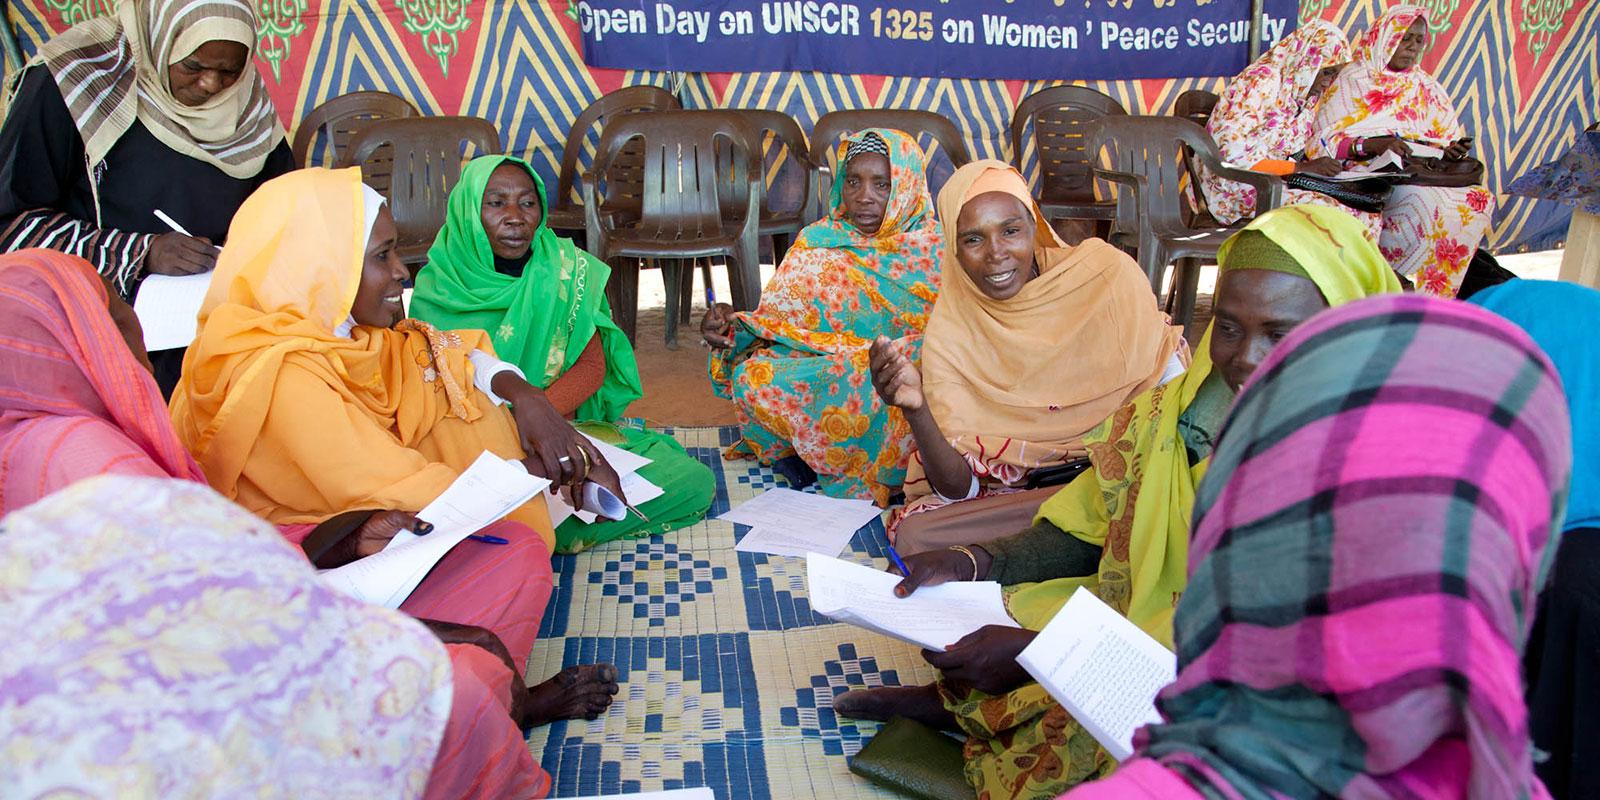 Photo: Albert Gonzalez Farran/UNAMID